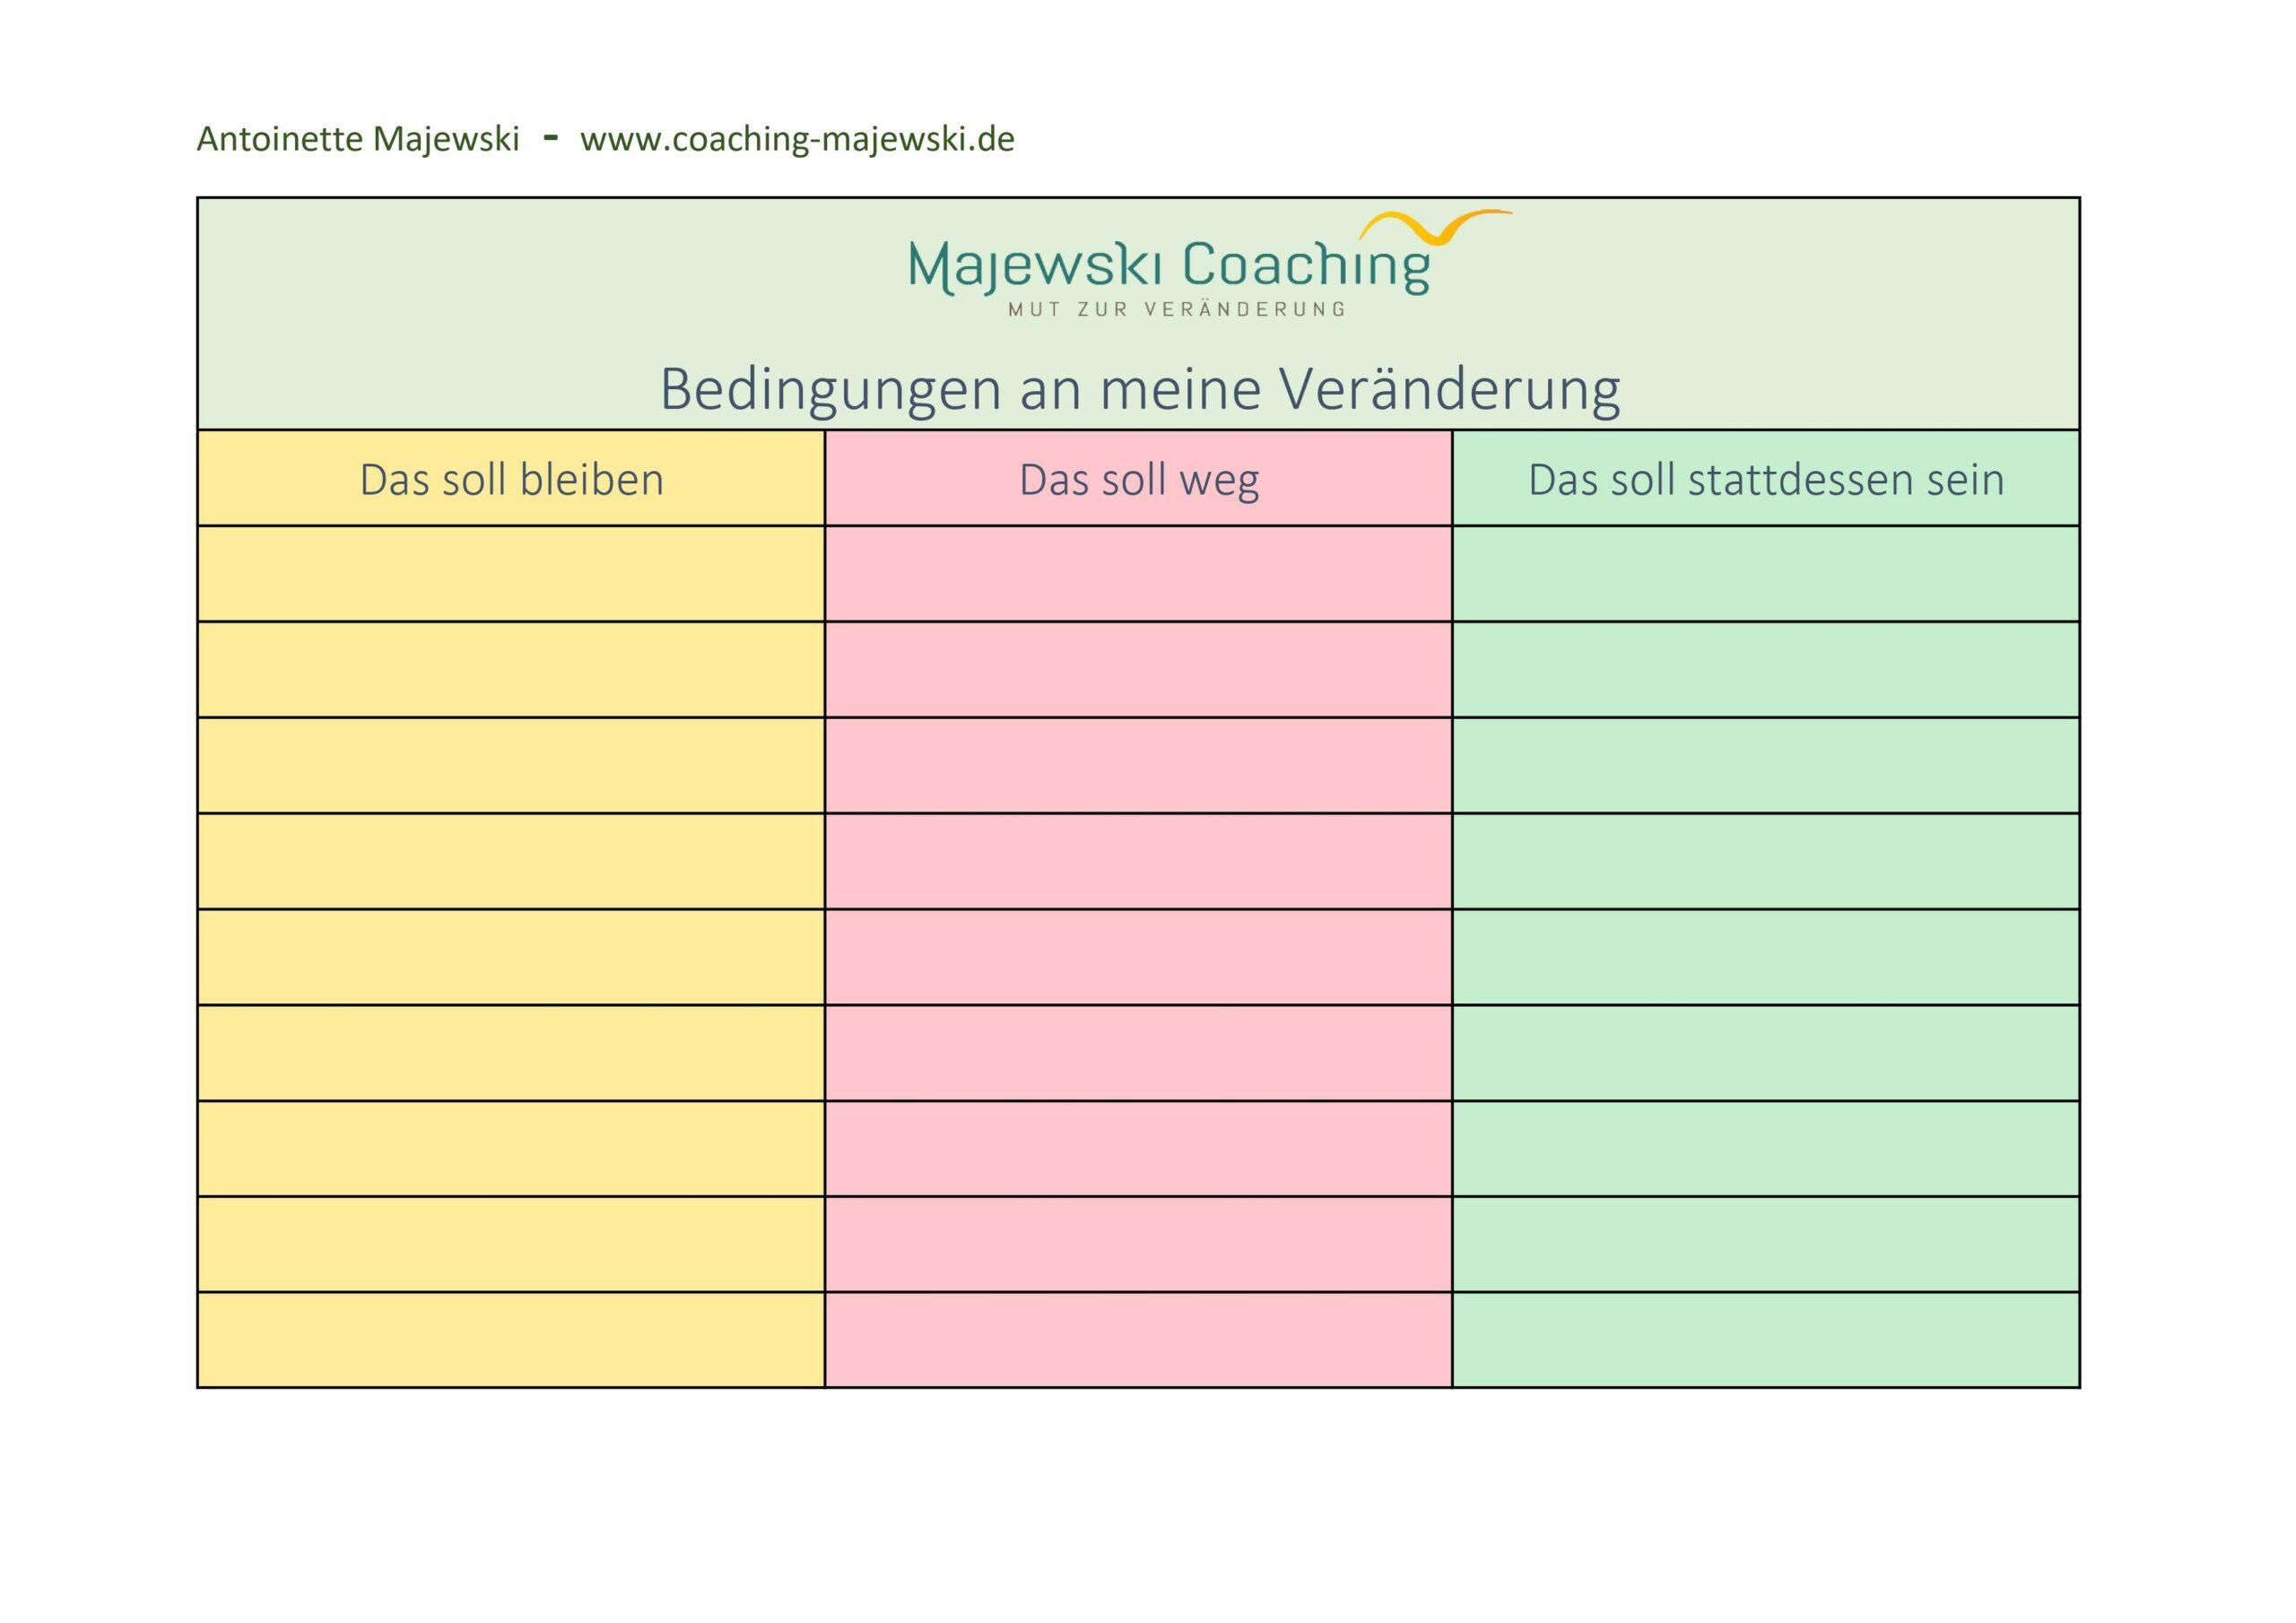 Tabelle für Veränderungsprozesse